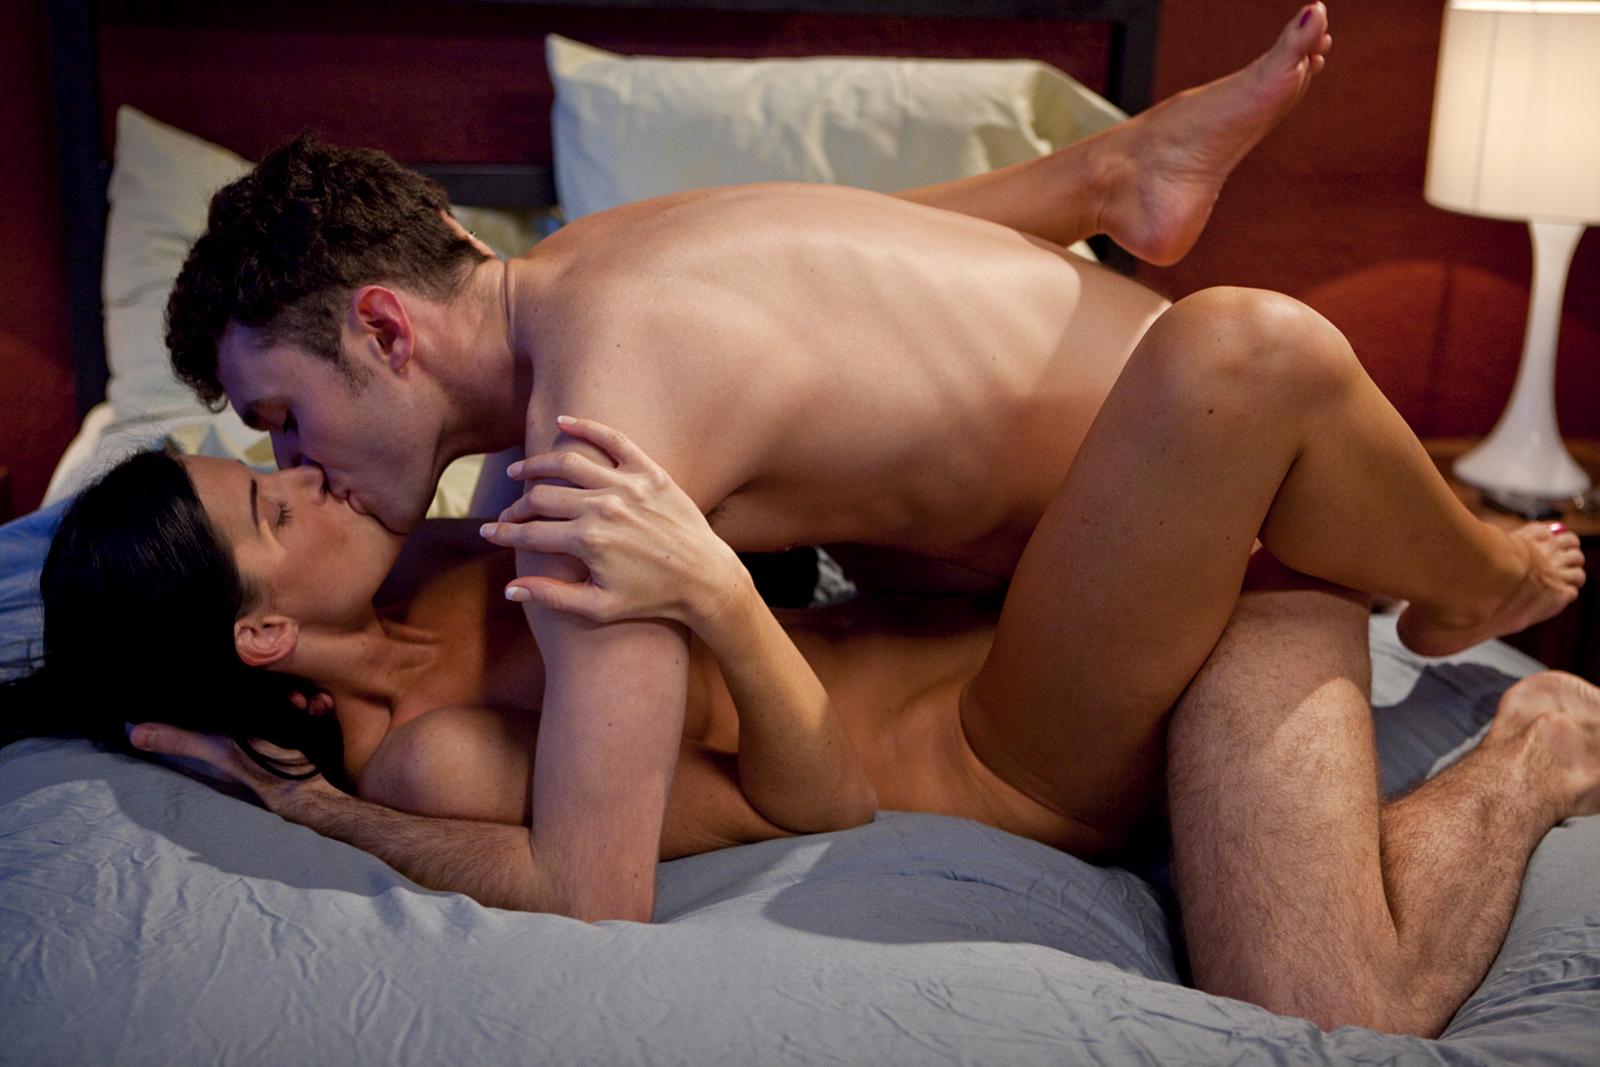 Пара Занимается Сексом Видео